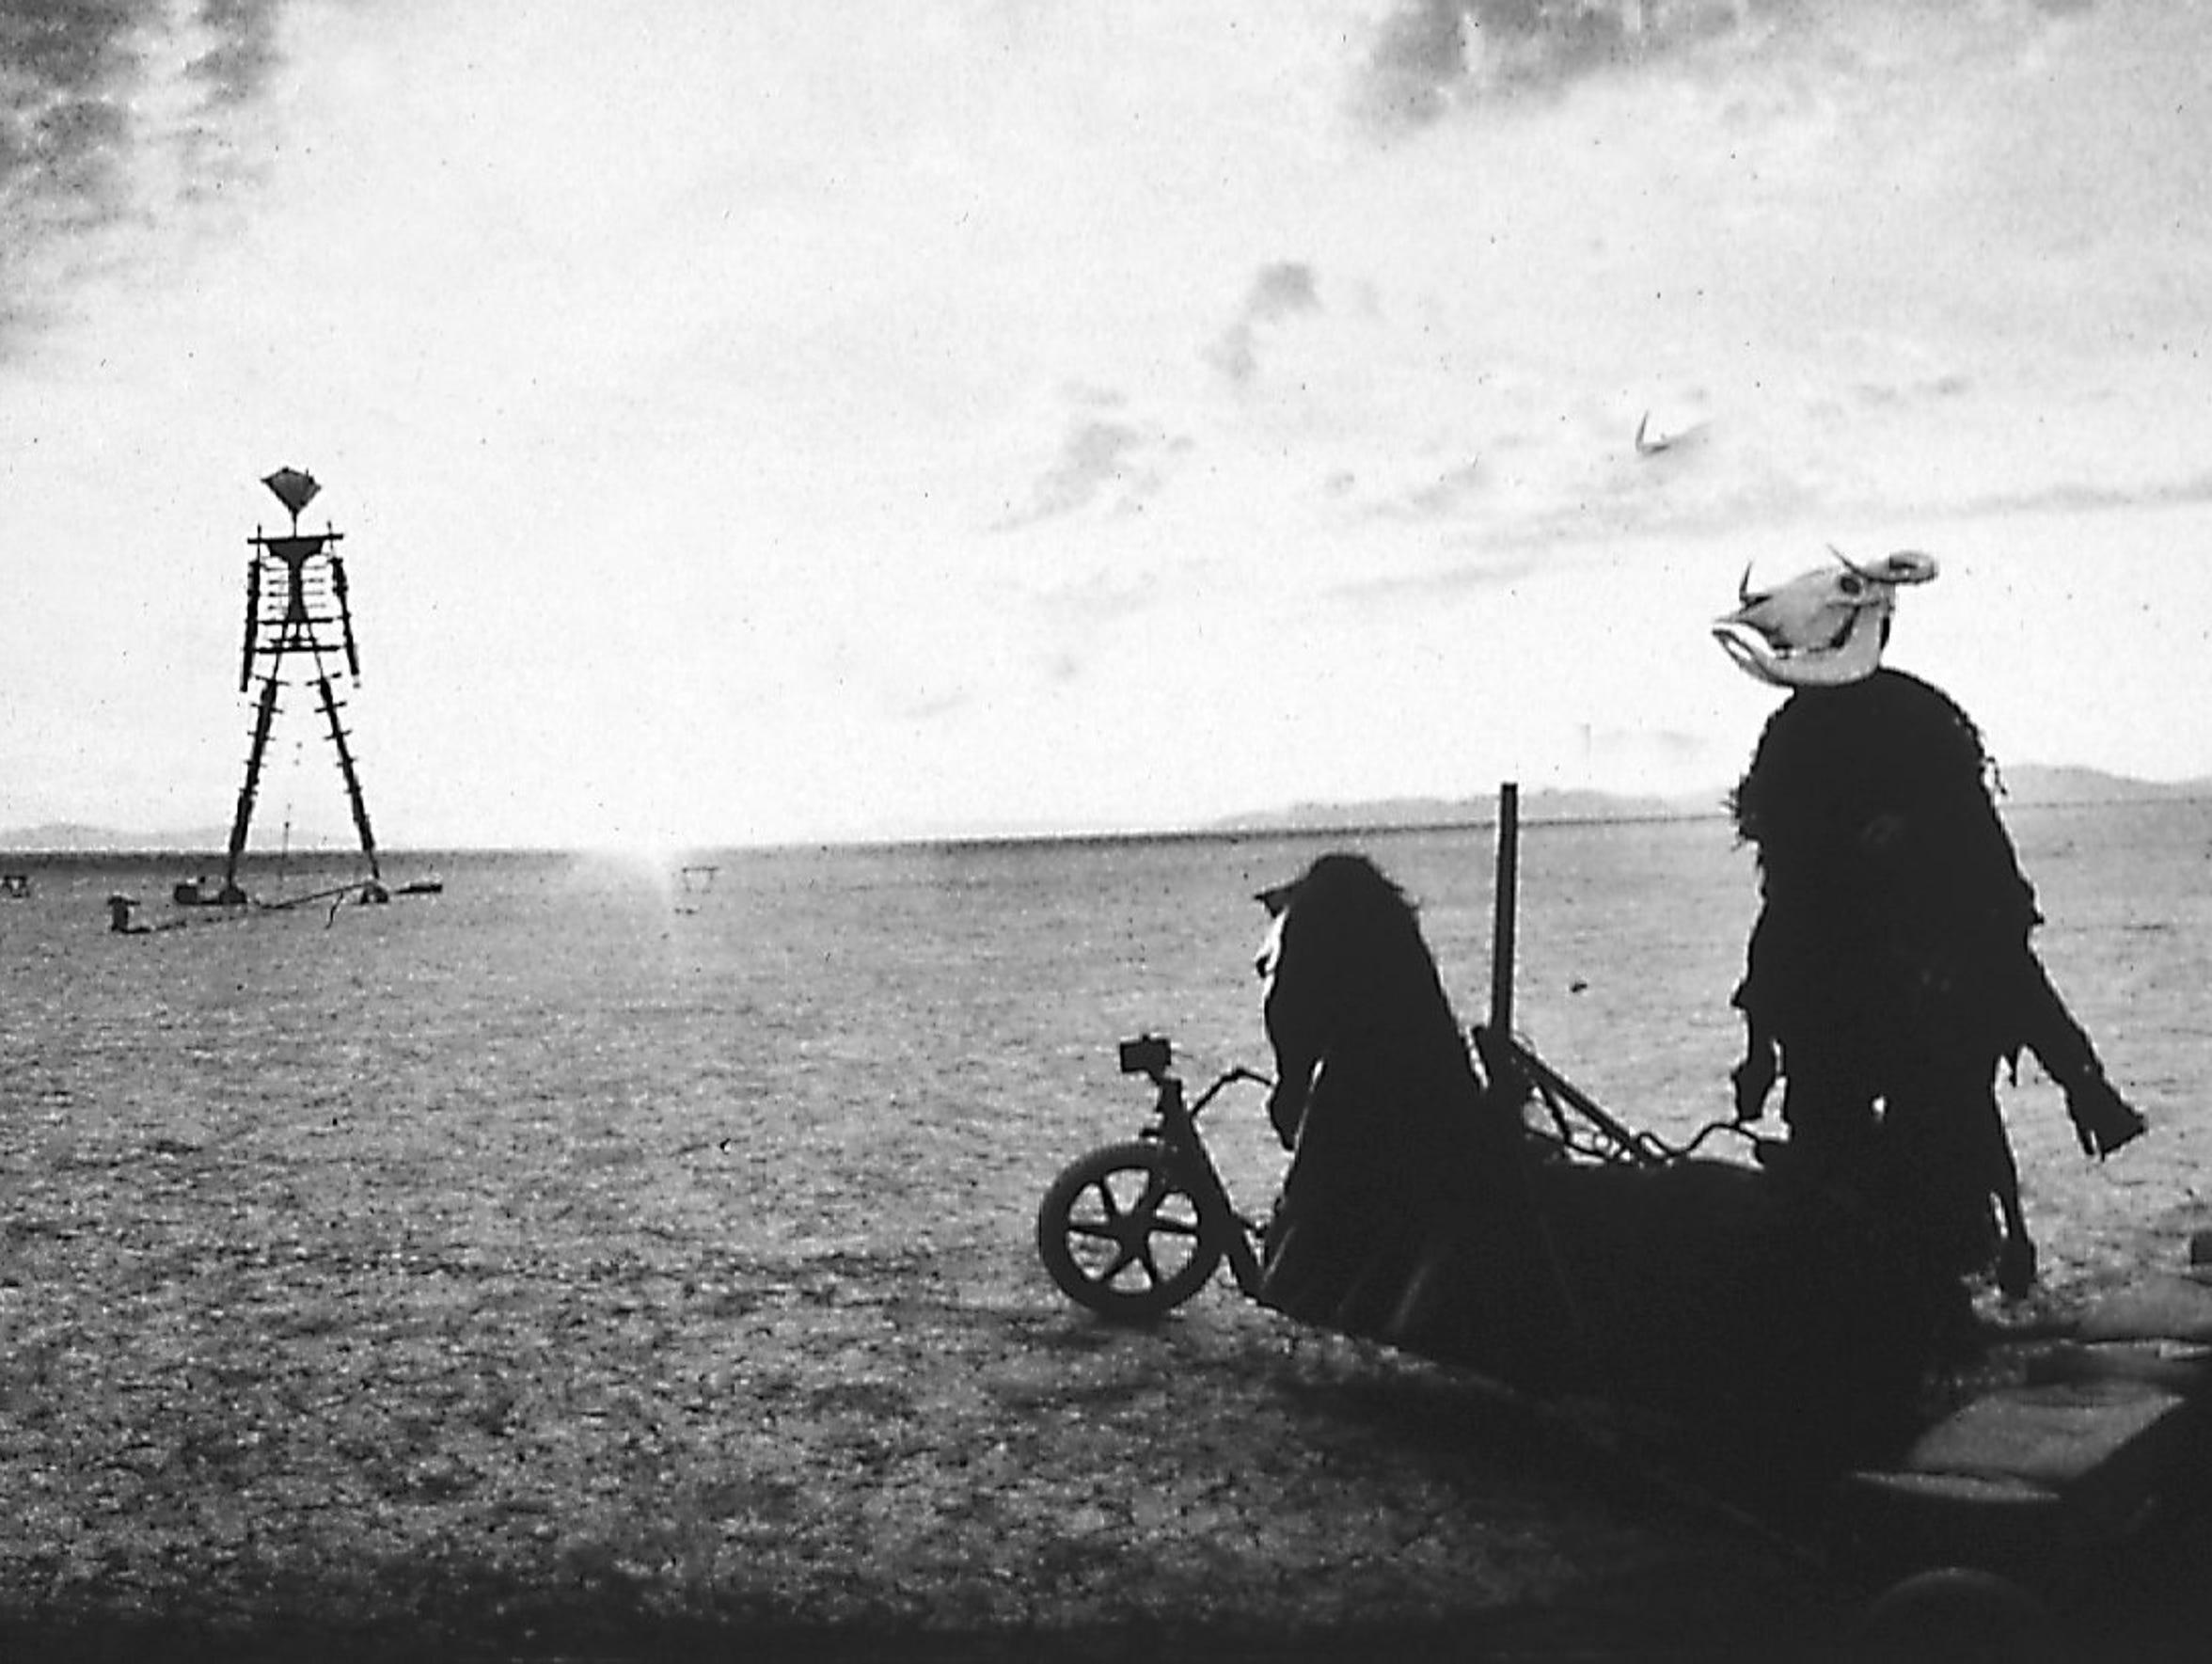 Beelzebub greets the Burning Man at dawn during the